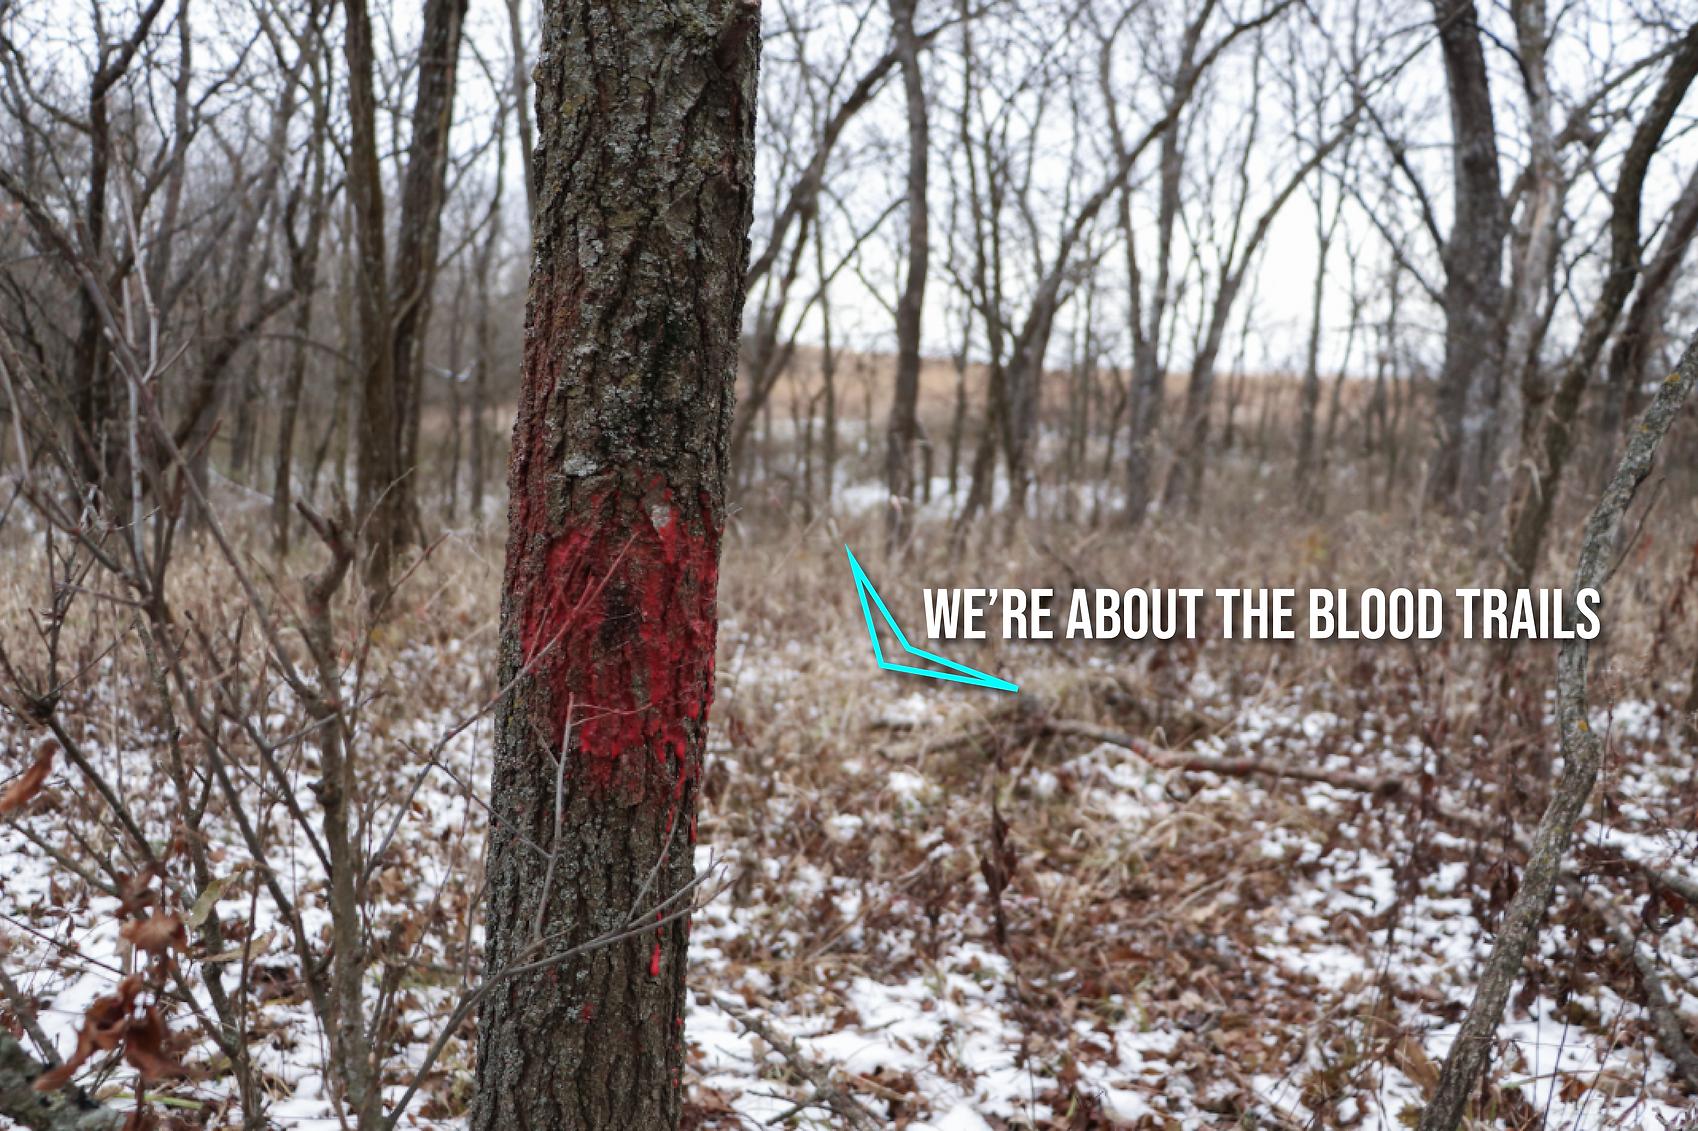 BLOODTRAILS.png